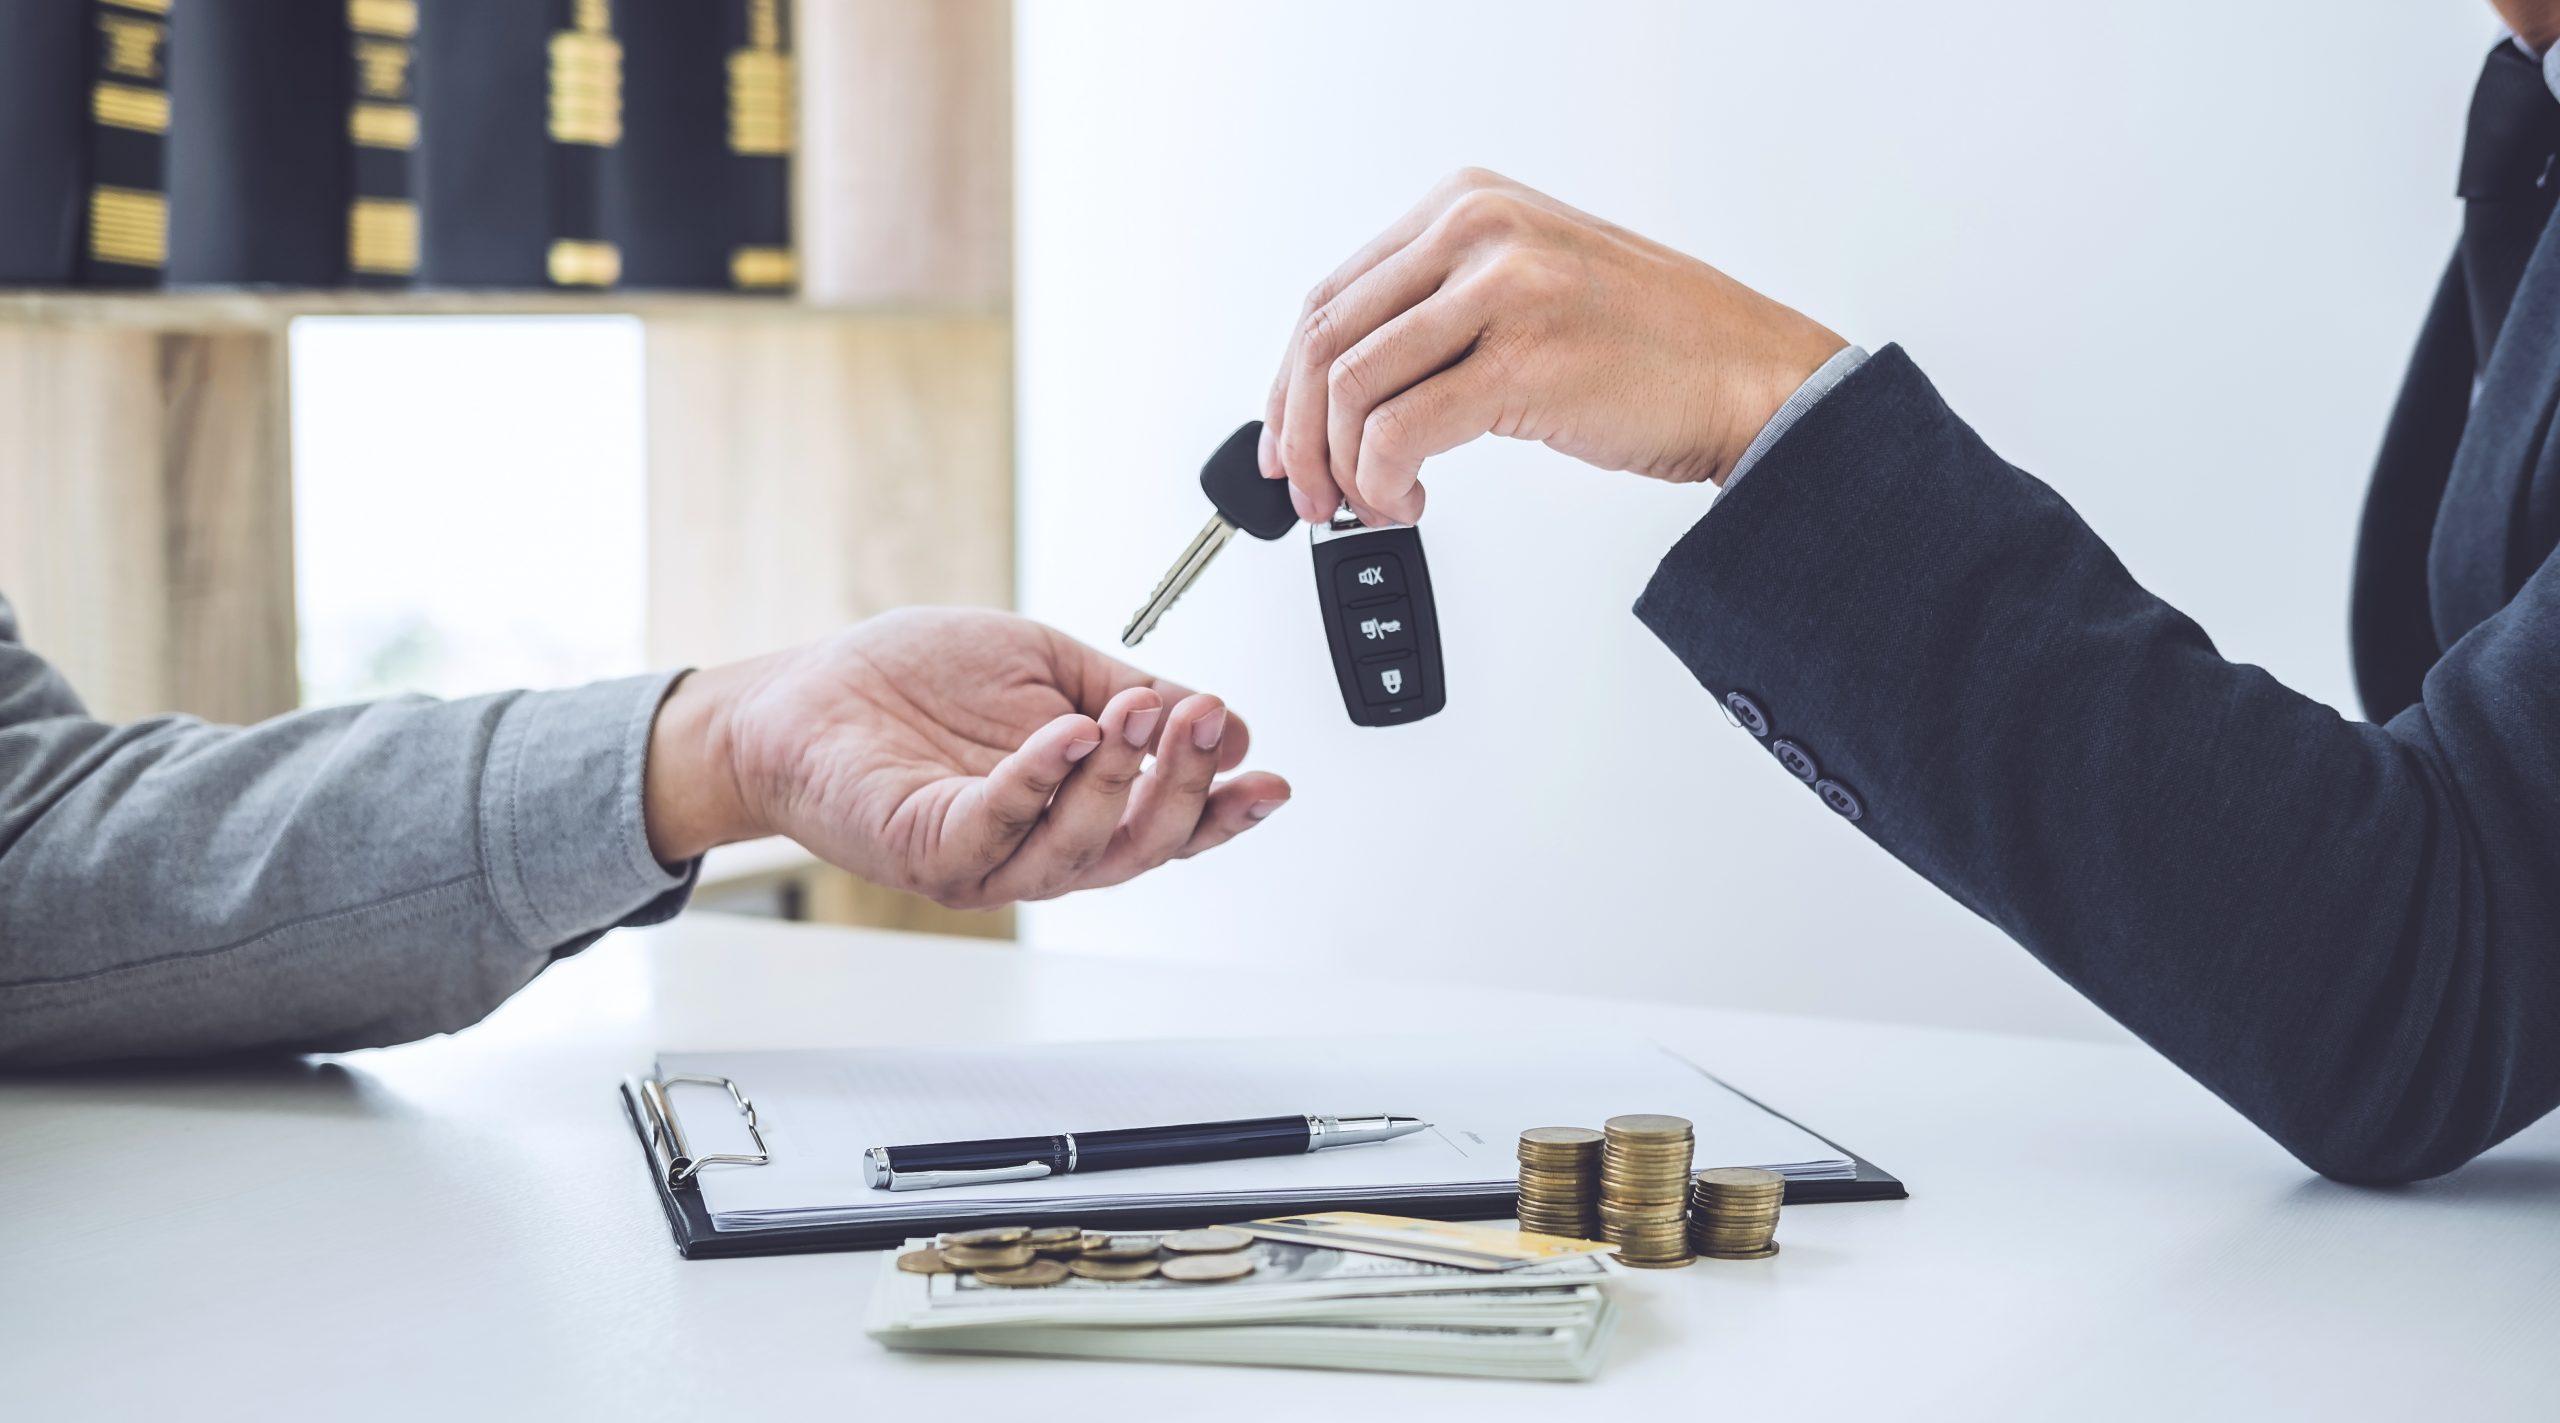 Quero comprar um carro. Faço consórcio ou financio?